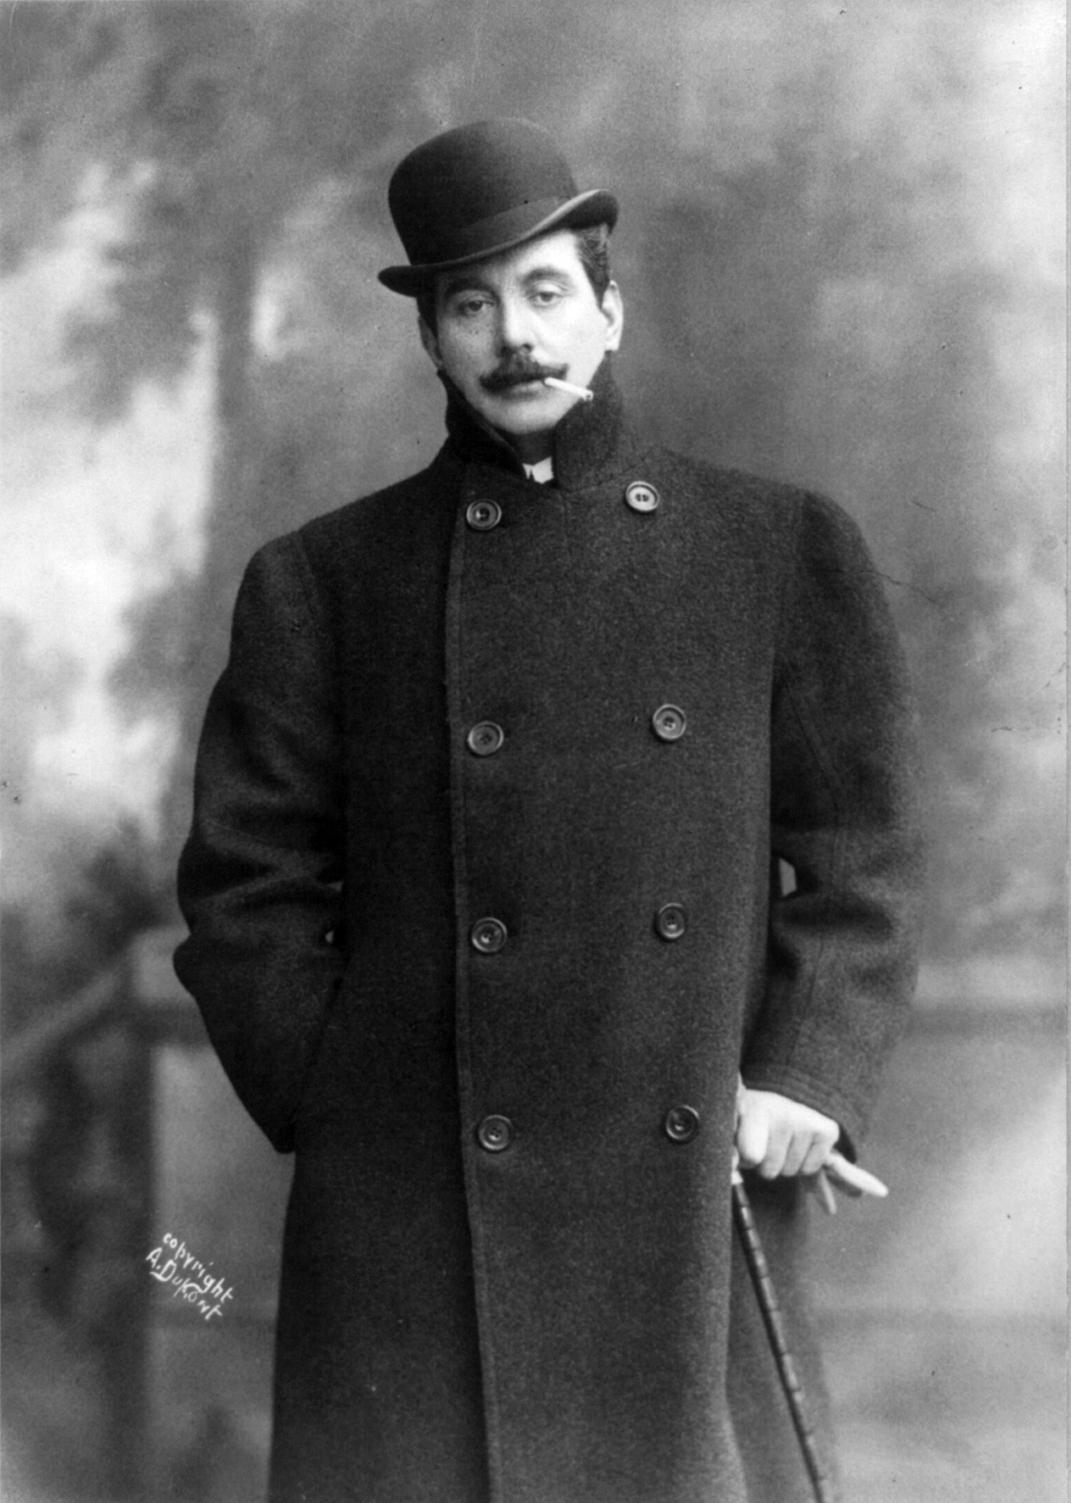 Public domain - 1908 photo of Giacomo Puccini